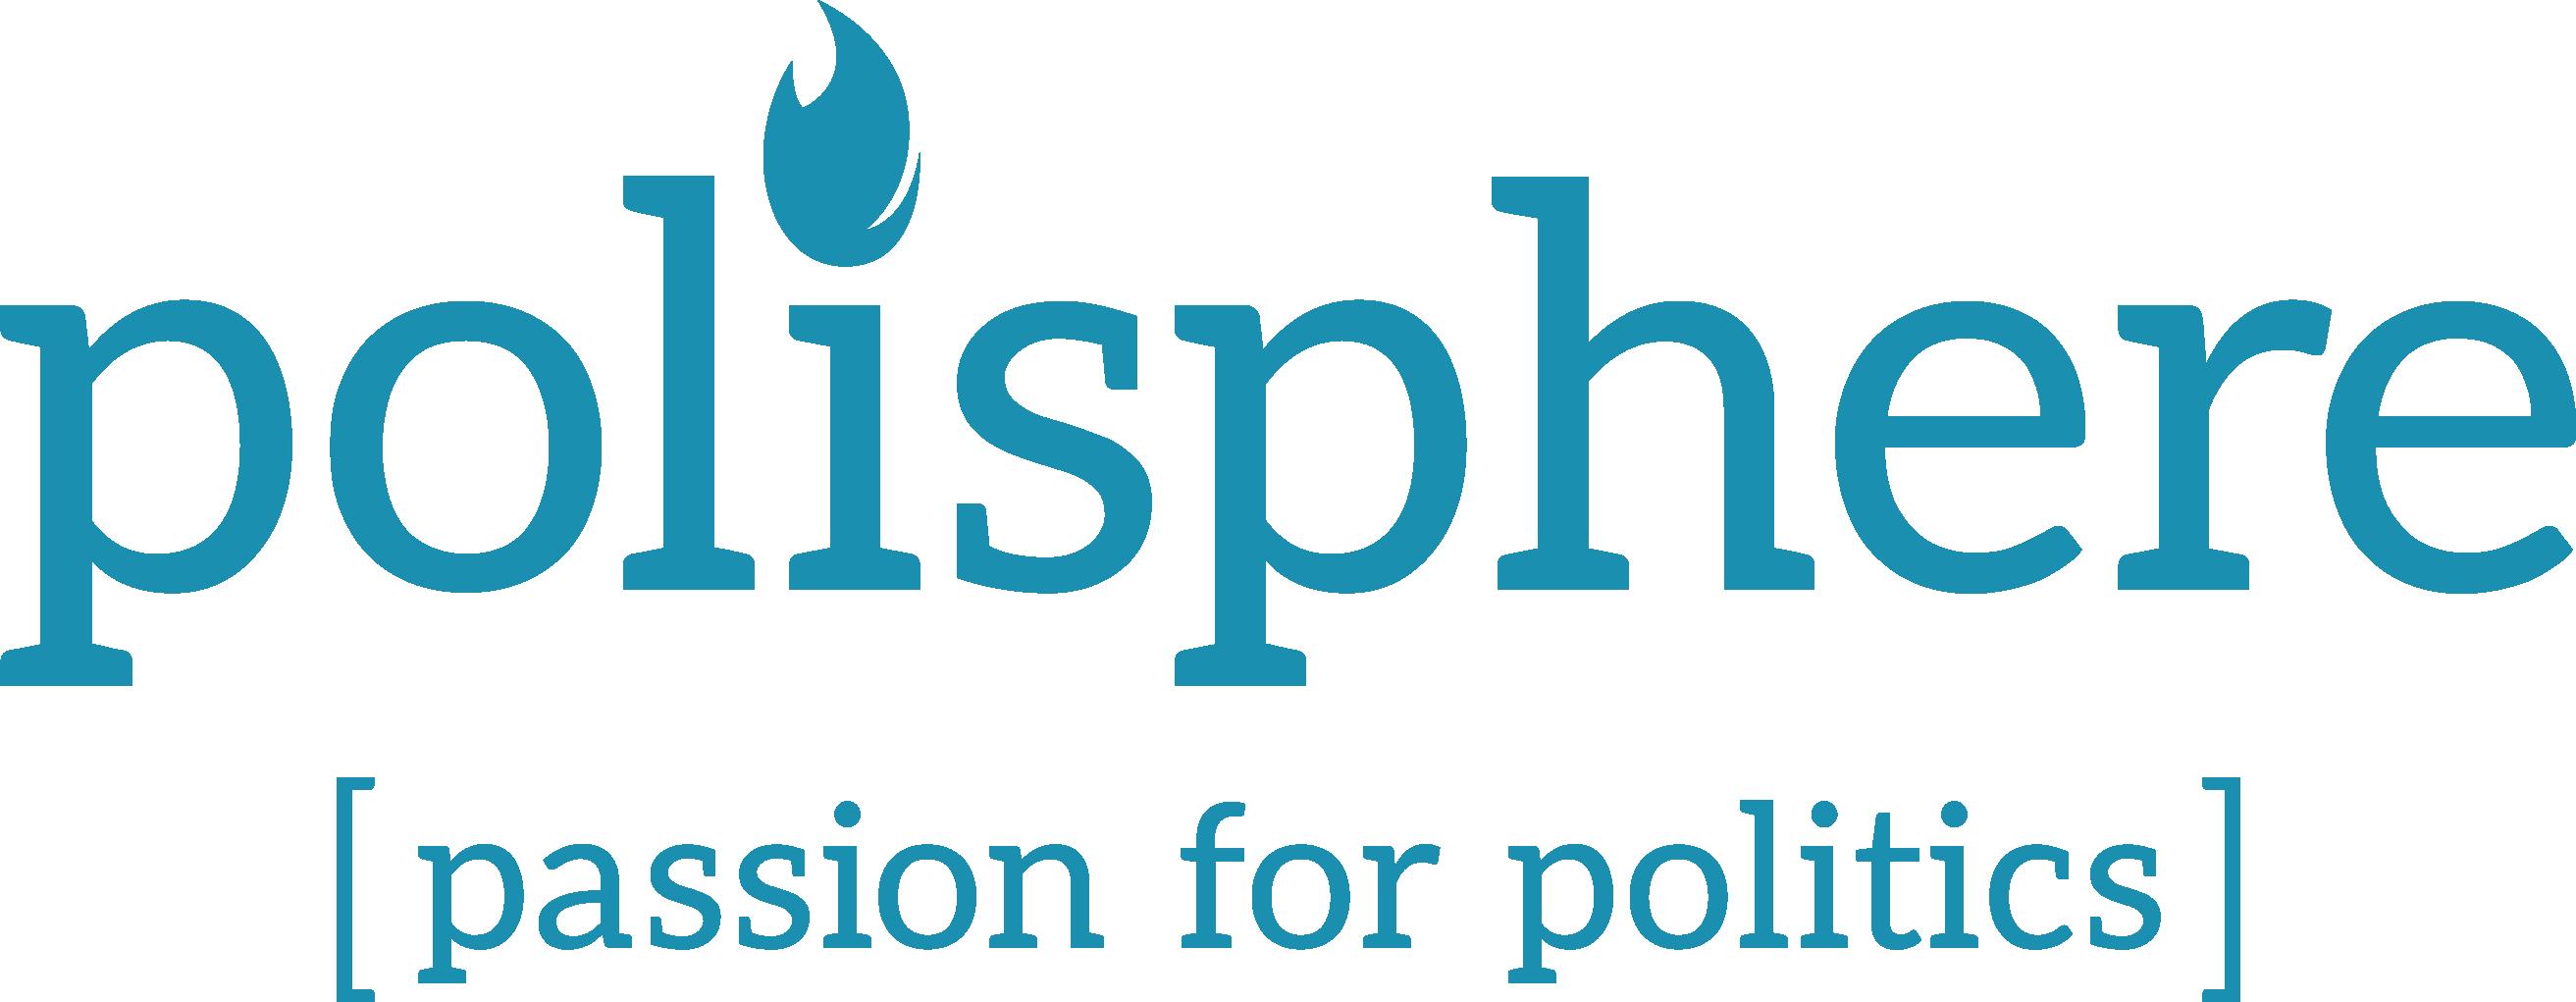 polisphere_logo_claim(1)